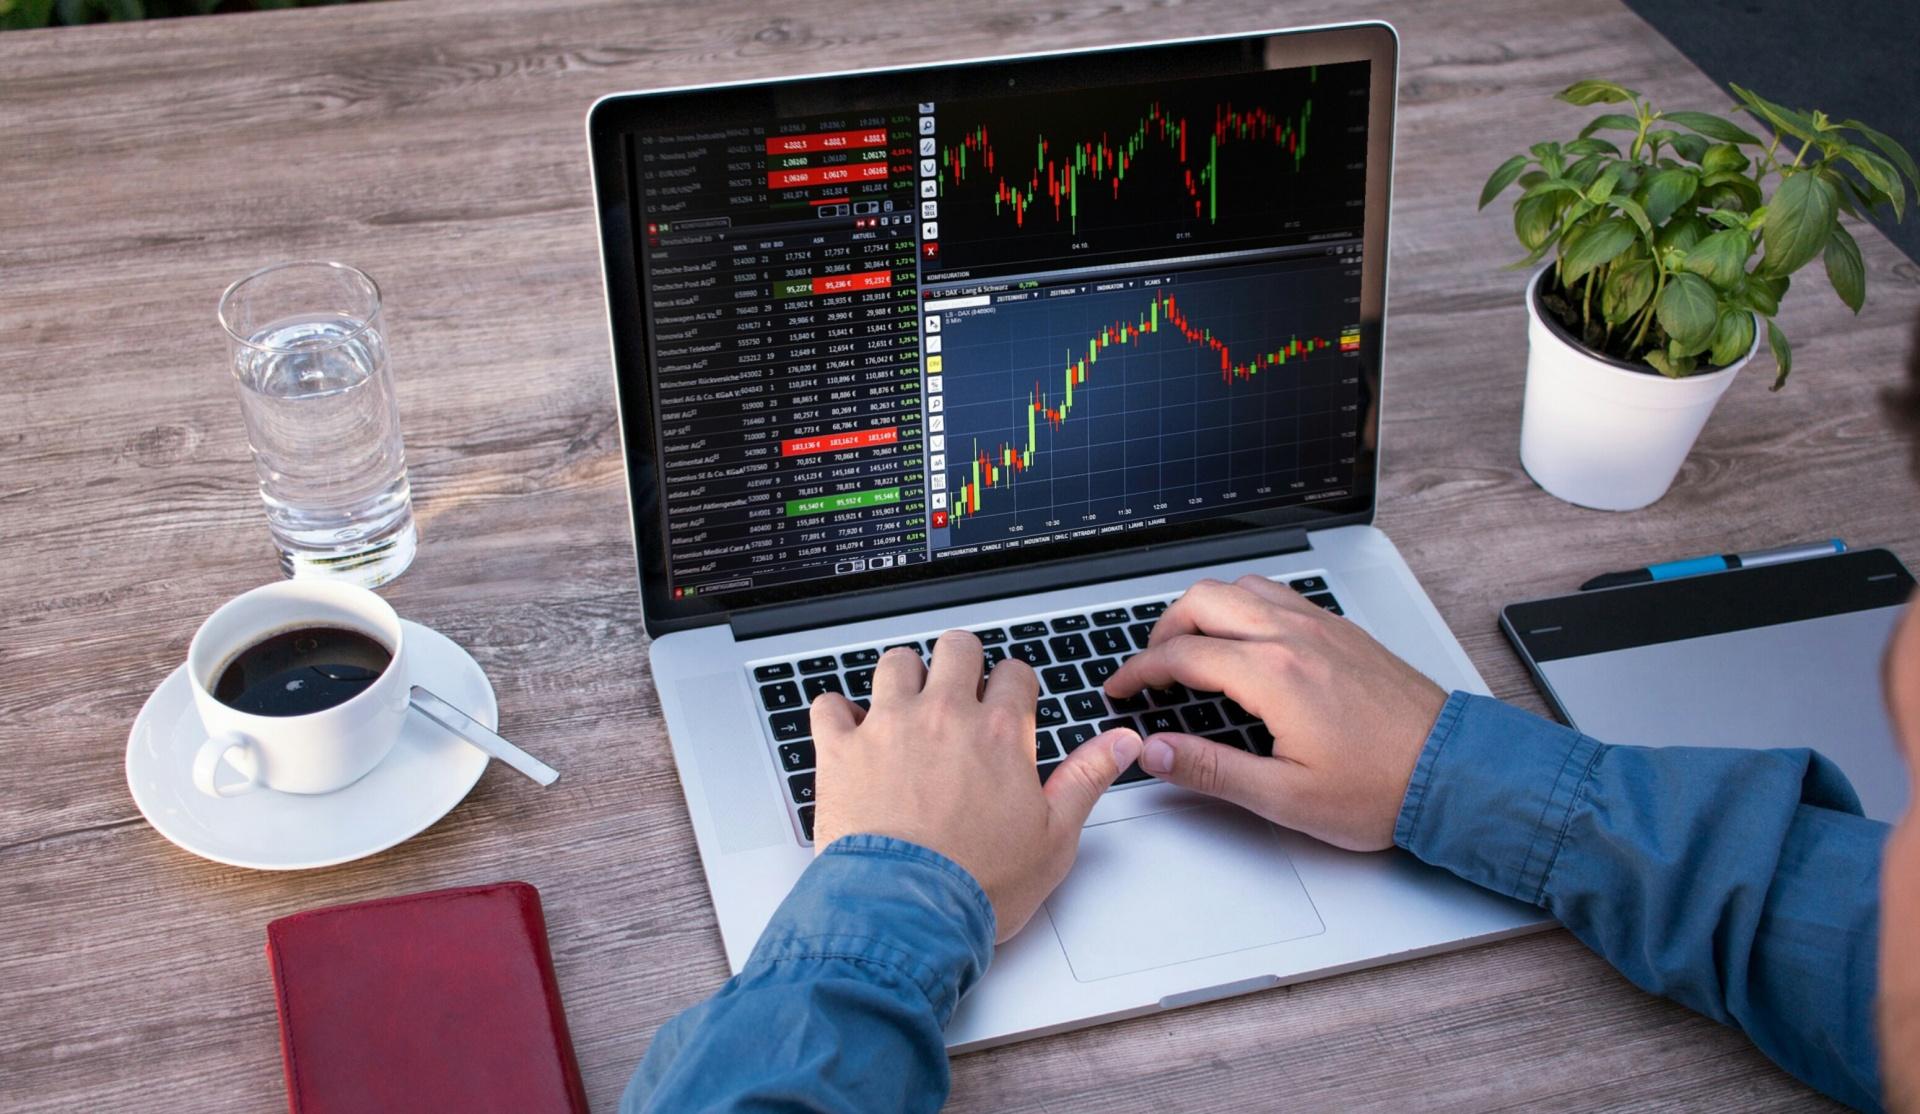 I dag skal det handle om din online tilstedeværelse som virksomhed. Det skal nærmere bestemt handle om et webbureau, som kan hjælpe dig med at markedsføre din virksomhed online. Læs med.